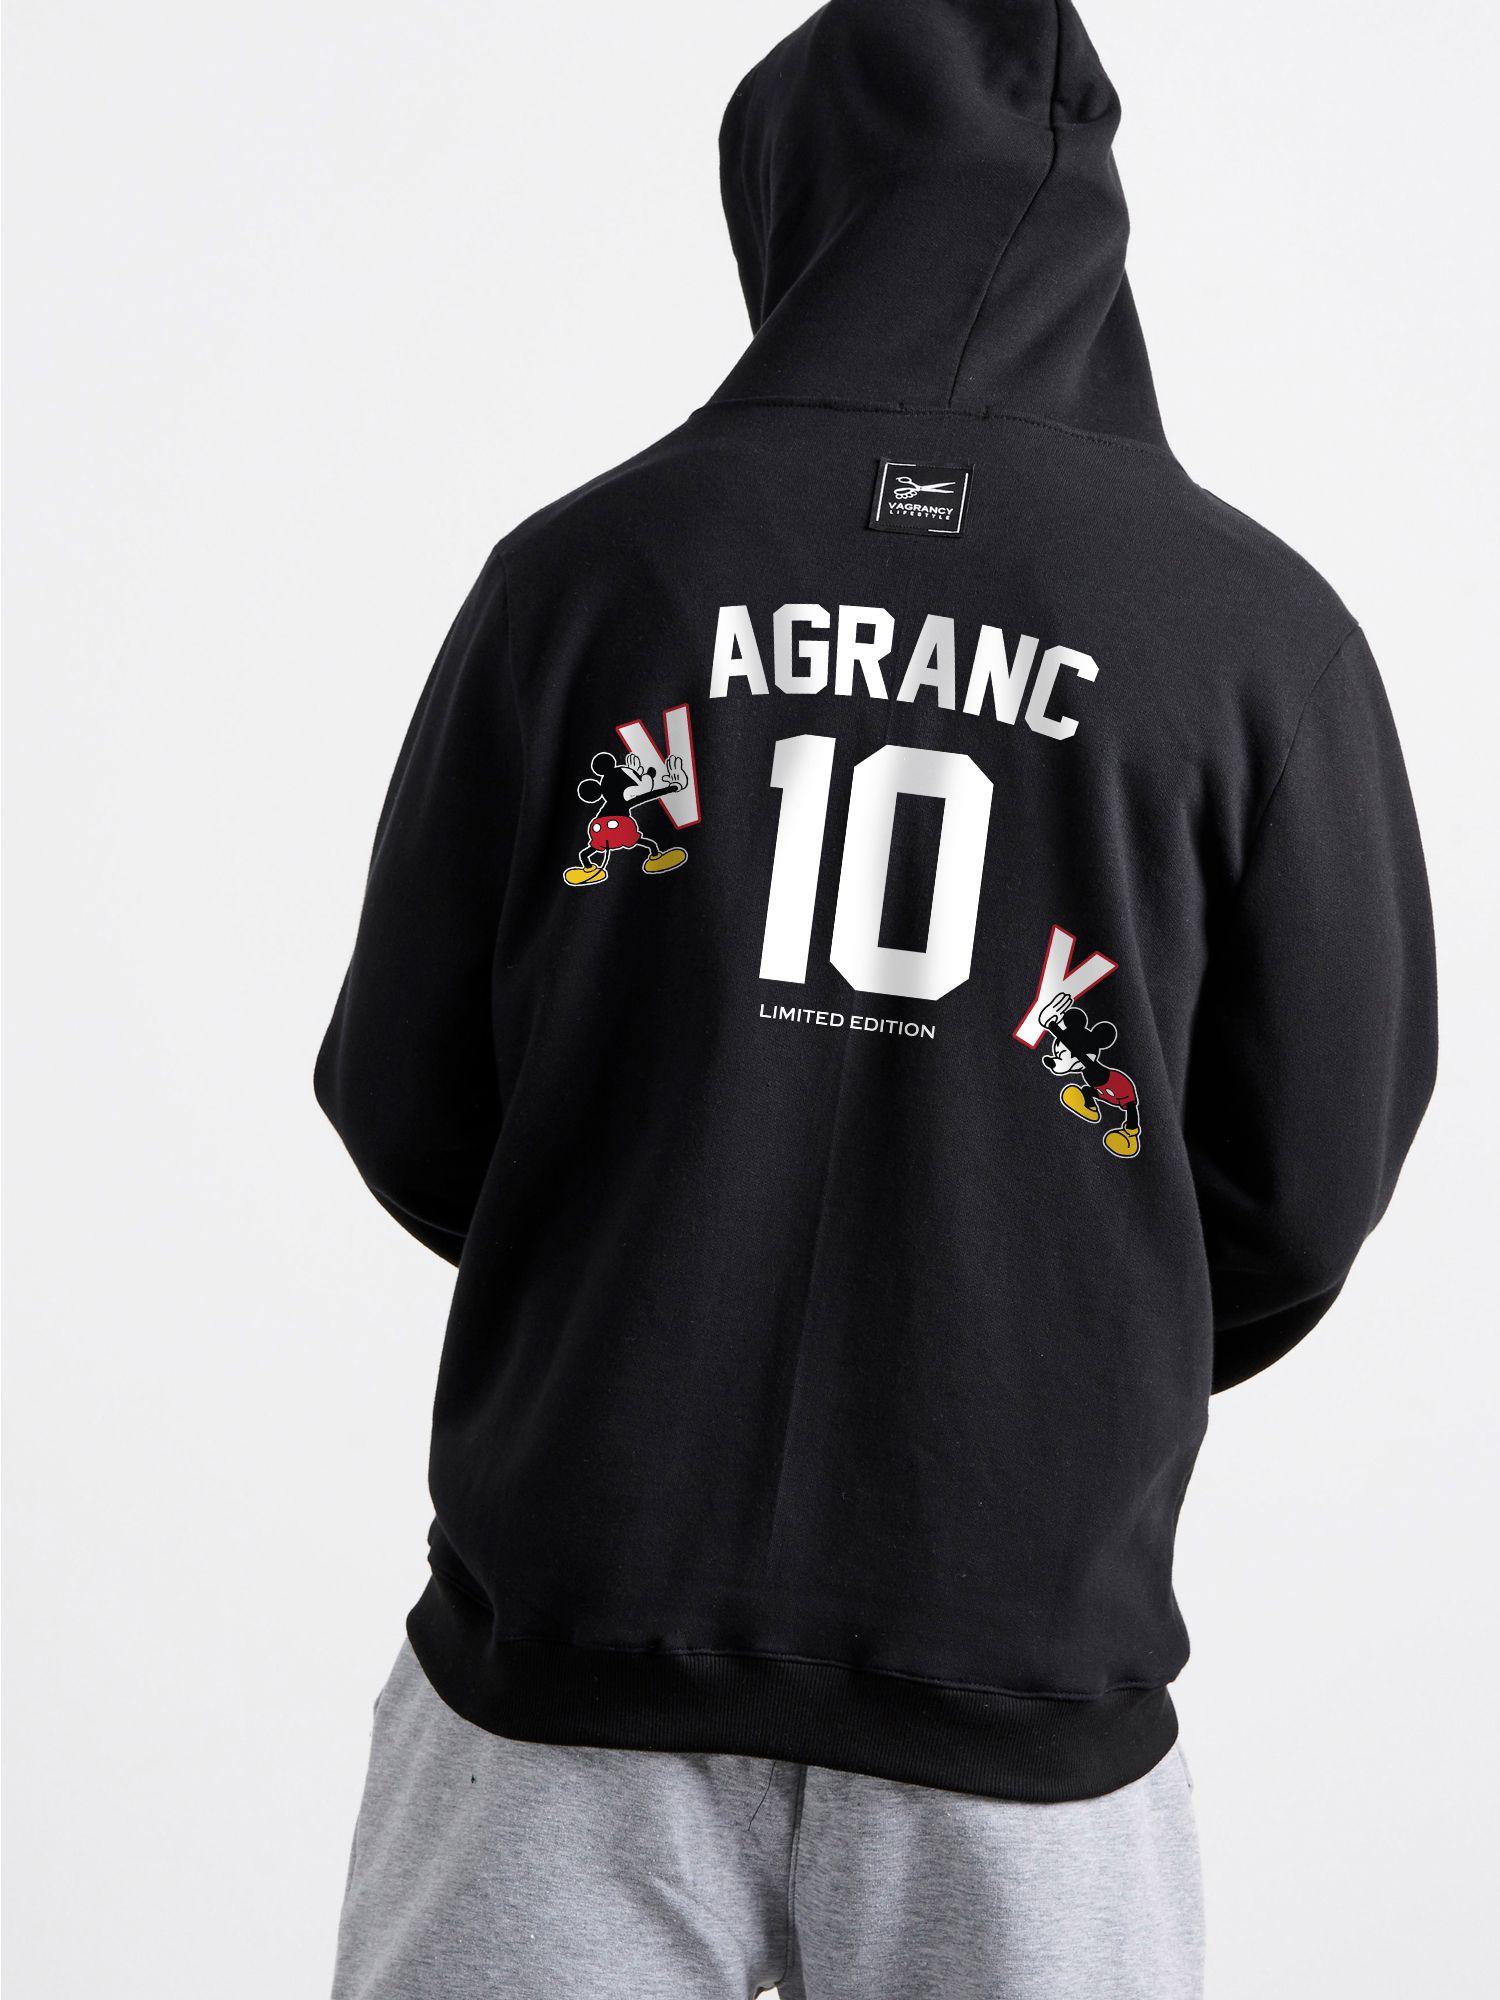 Vagrancy 10 hooded Jacket